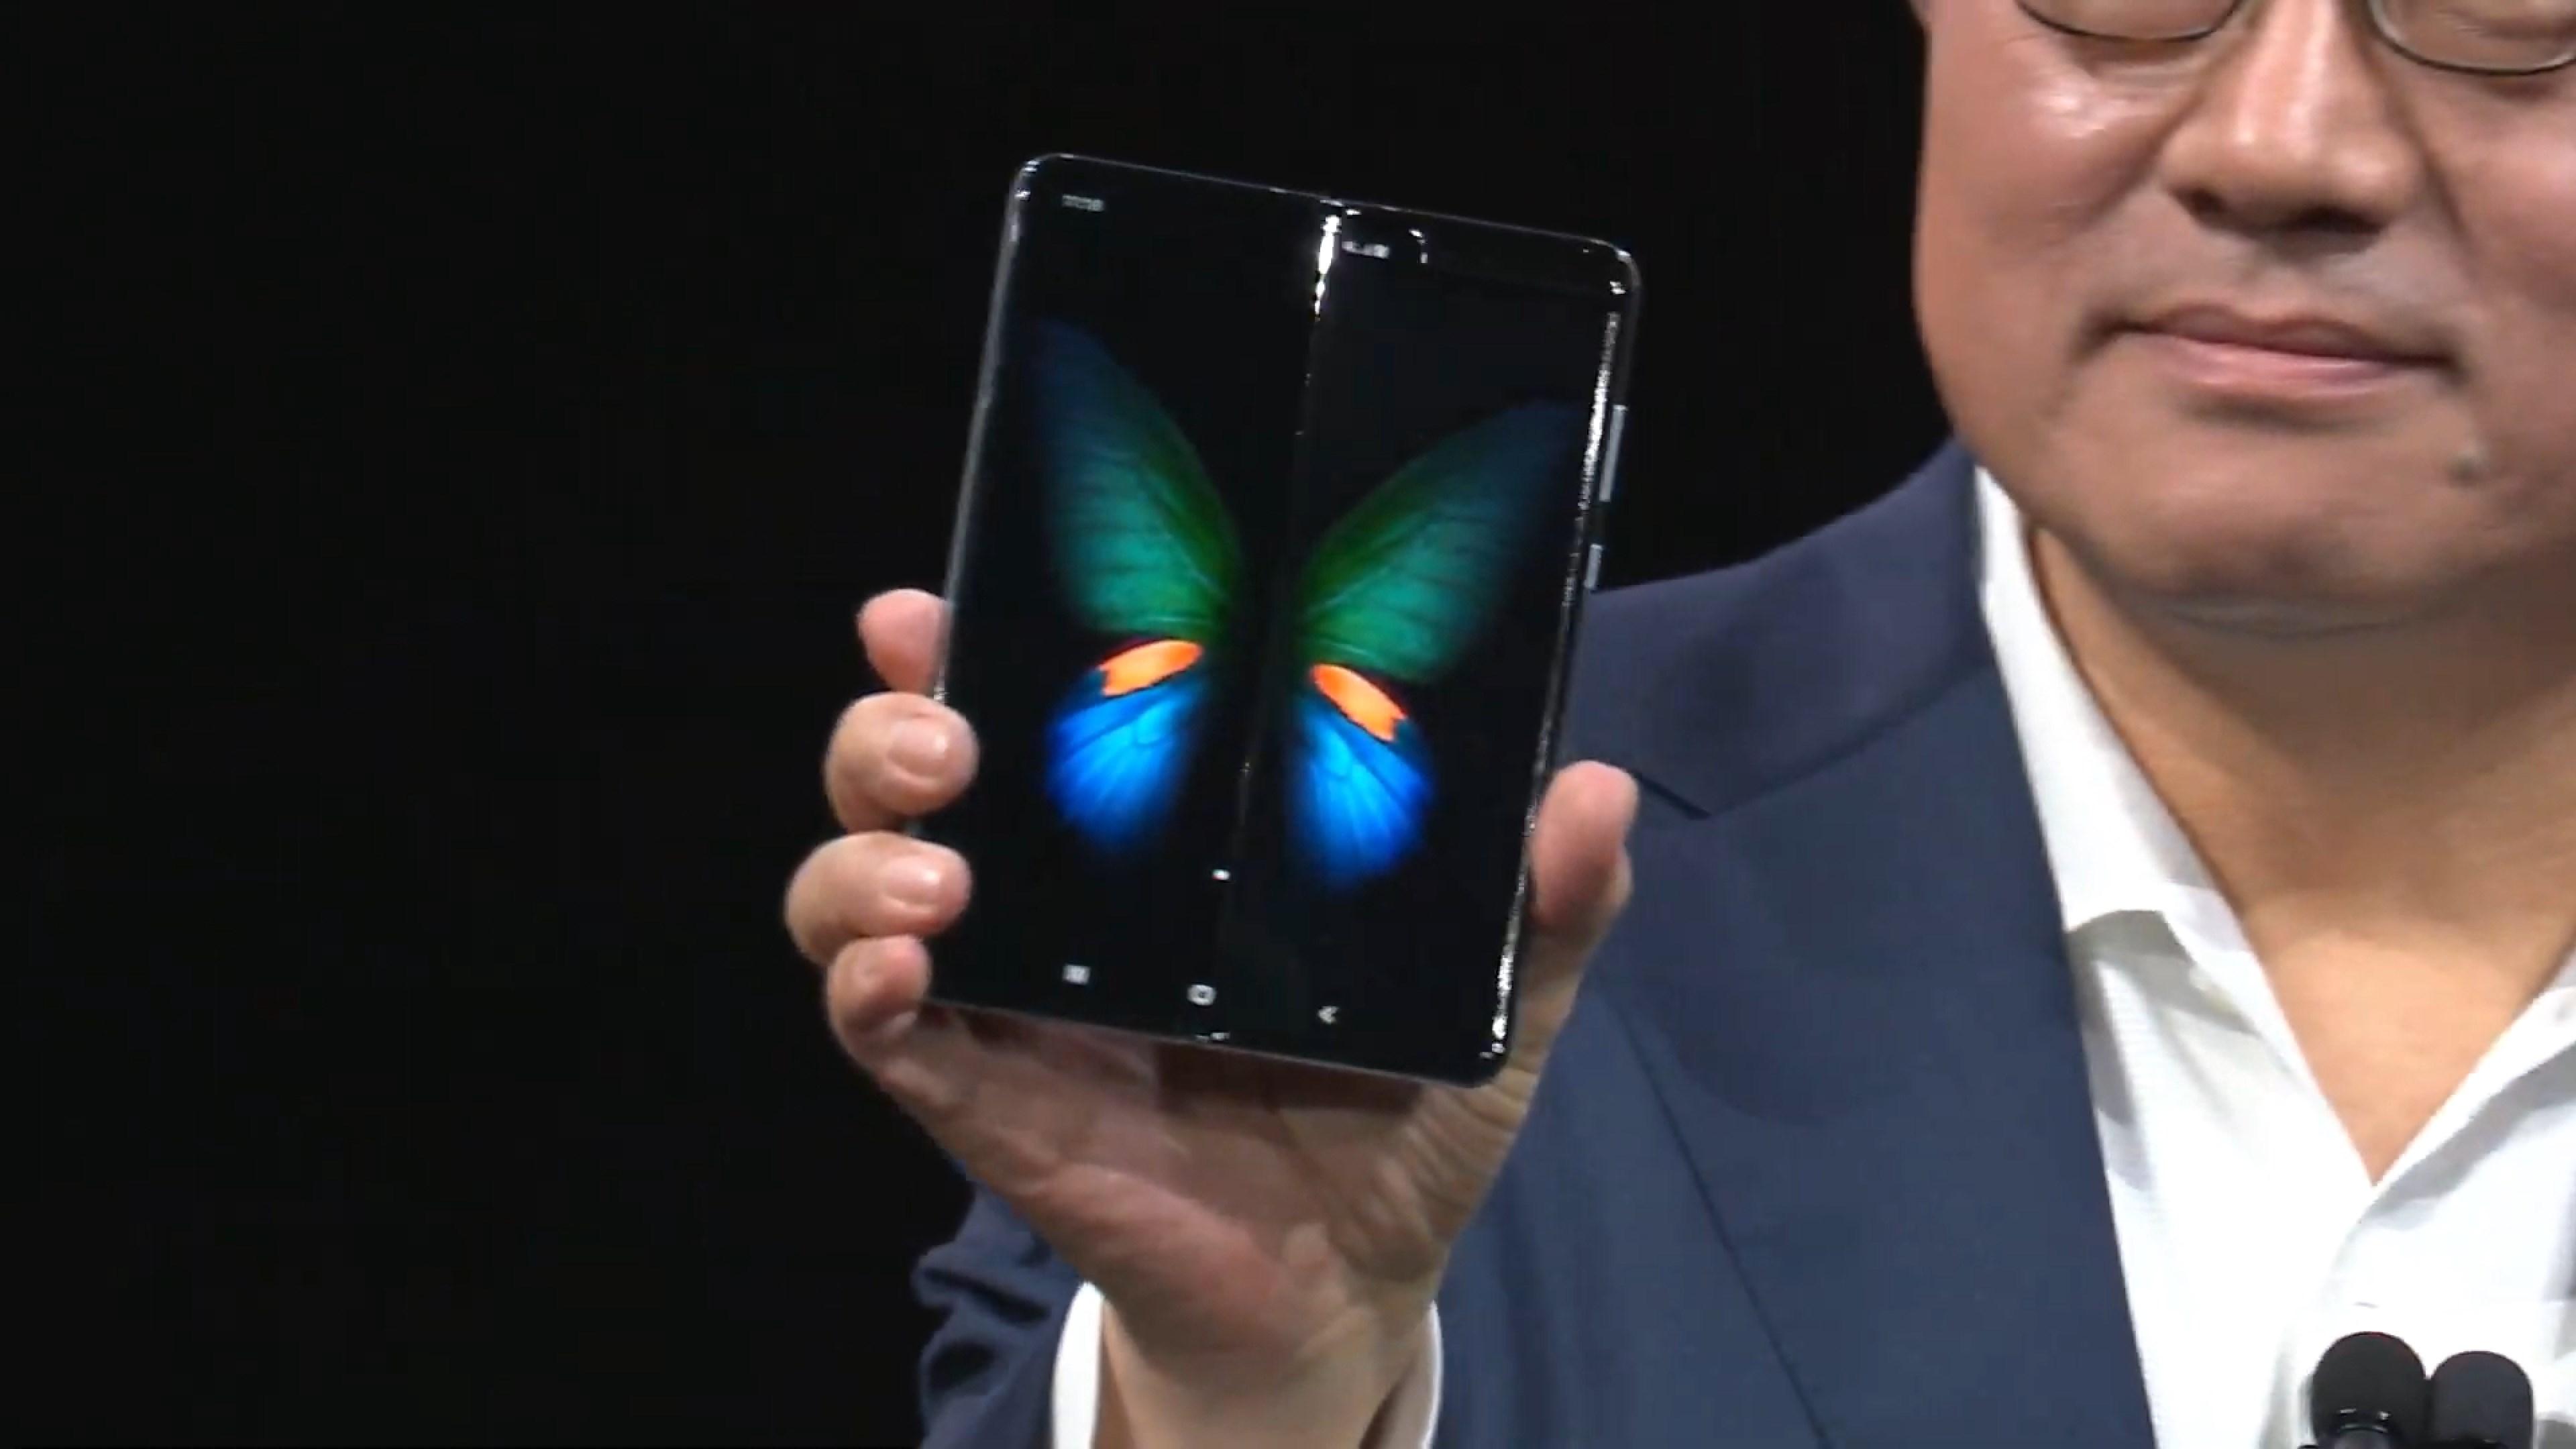 3 actualités qui ont marqué la semaine : Google Stadia, les prix en euros des Huawei P30 et une prise en main du Galaxy Fold